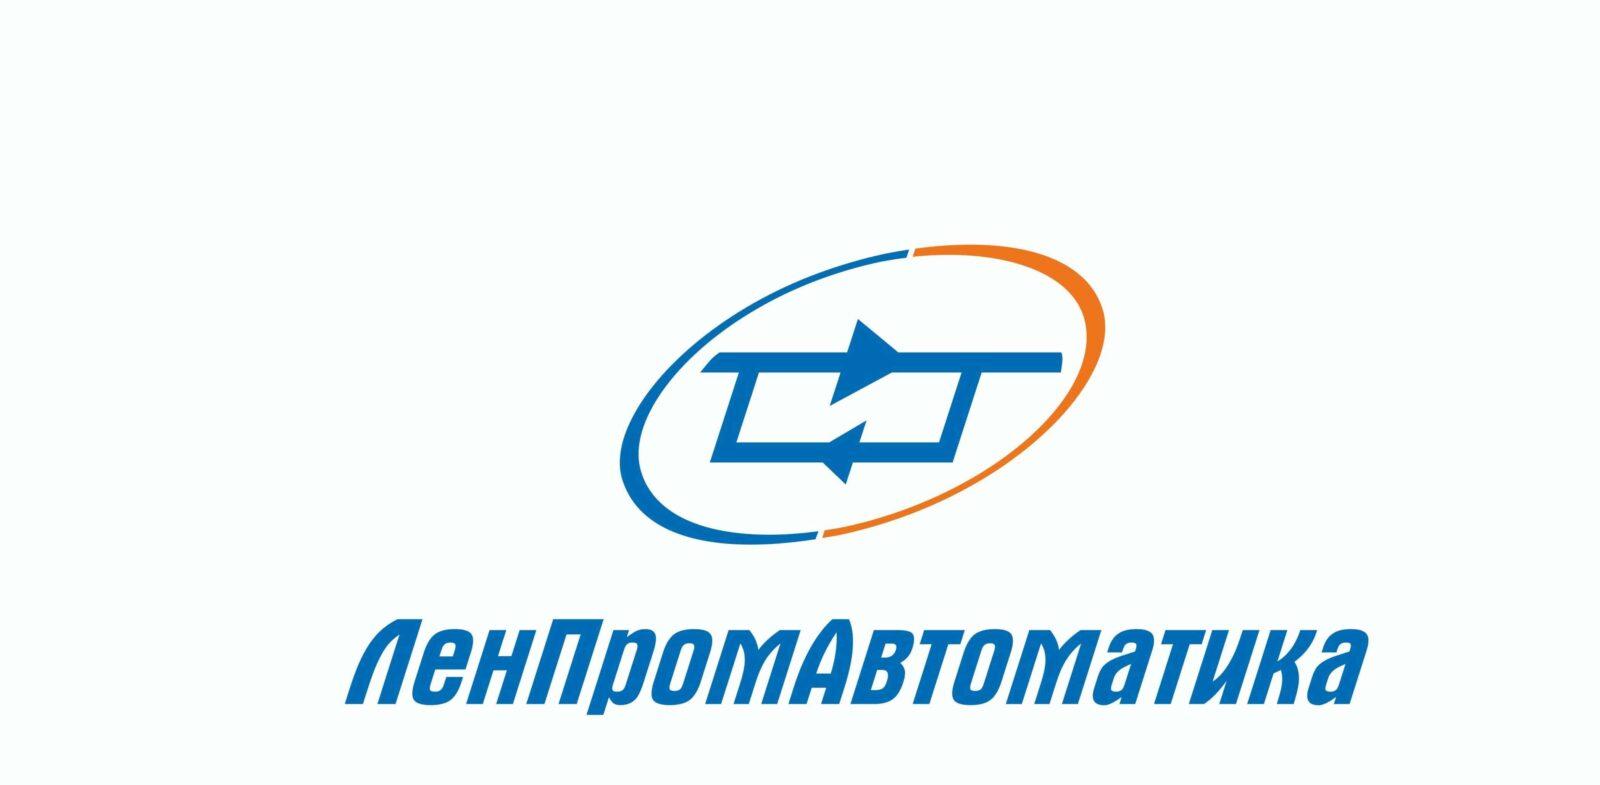 АГНКС от Ленпромавтоматики